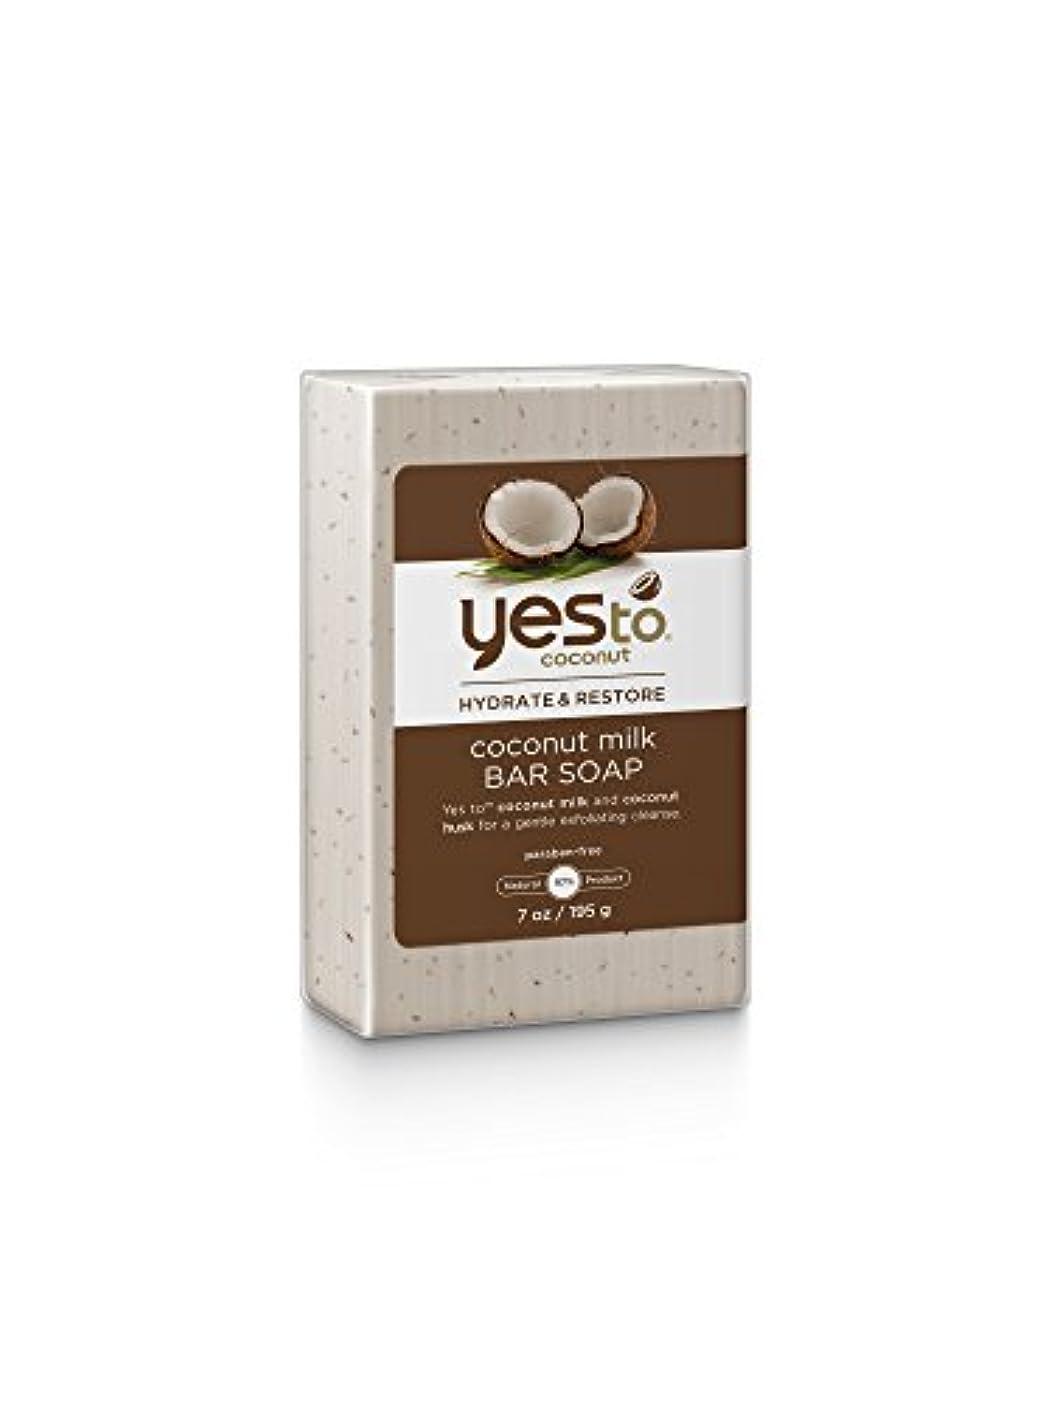 まつげ遺棄されたゆりかごYes To ココナッツ水和物および復元牛乳石鹸、ココナッツ、7.0オンス